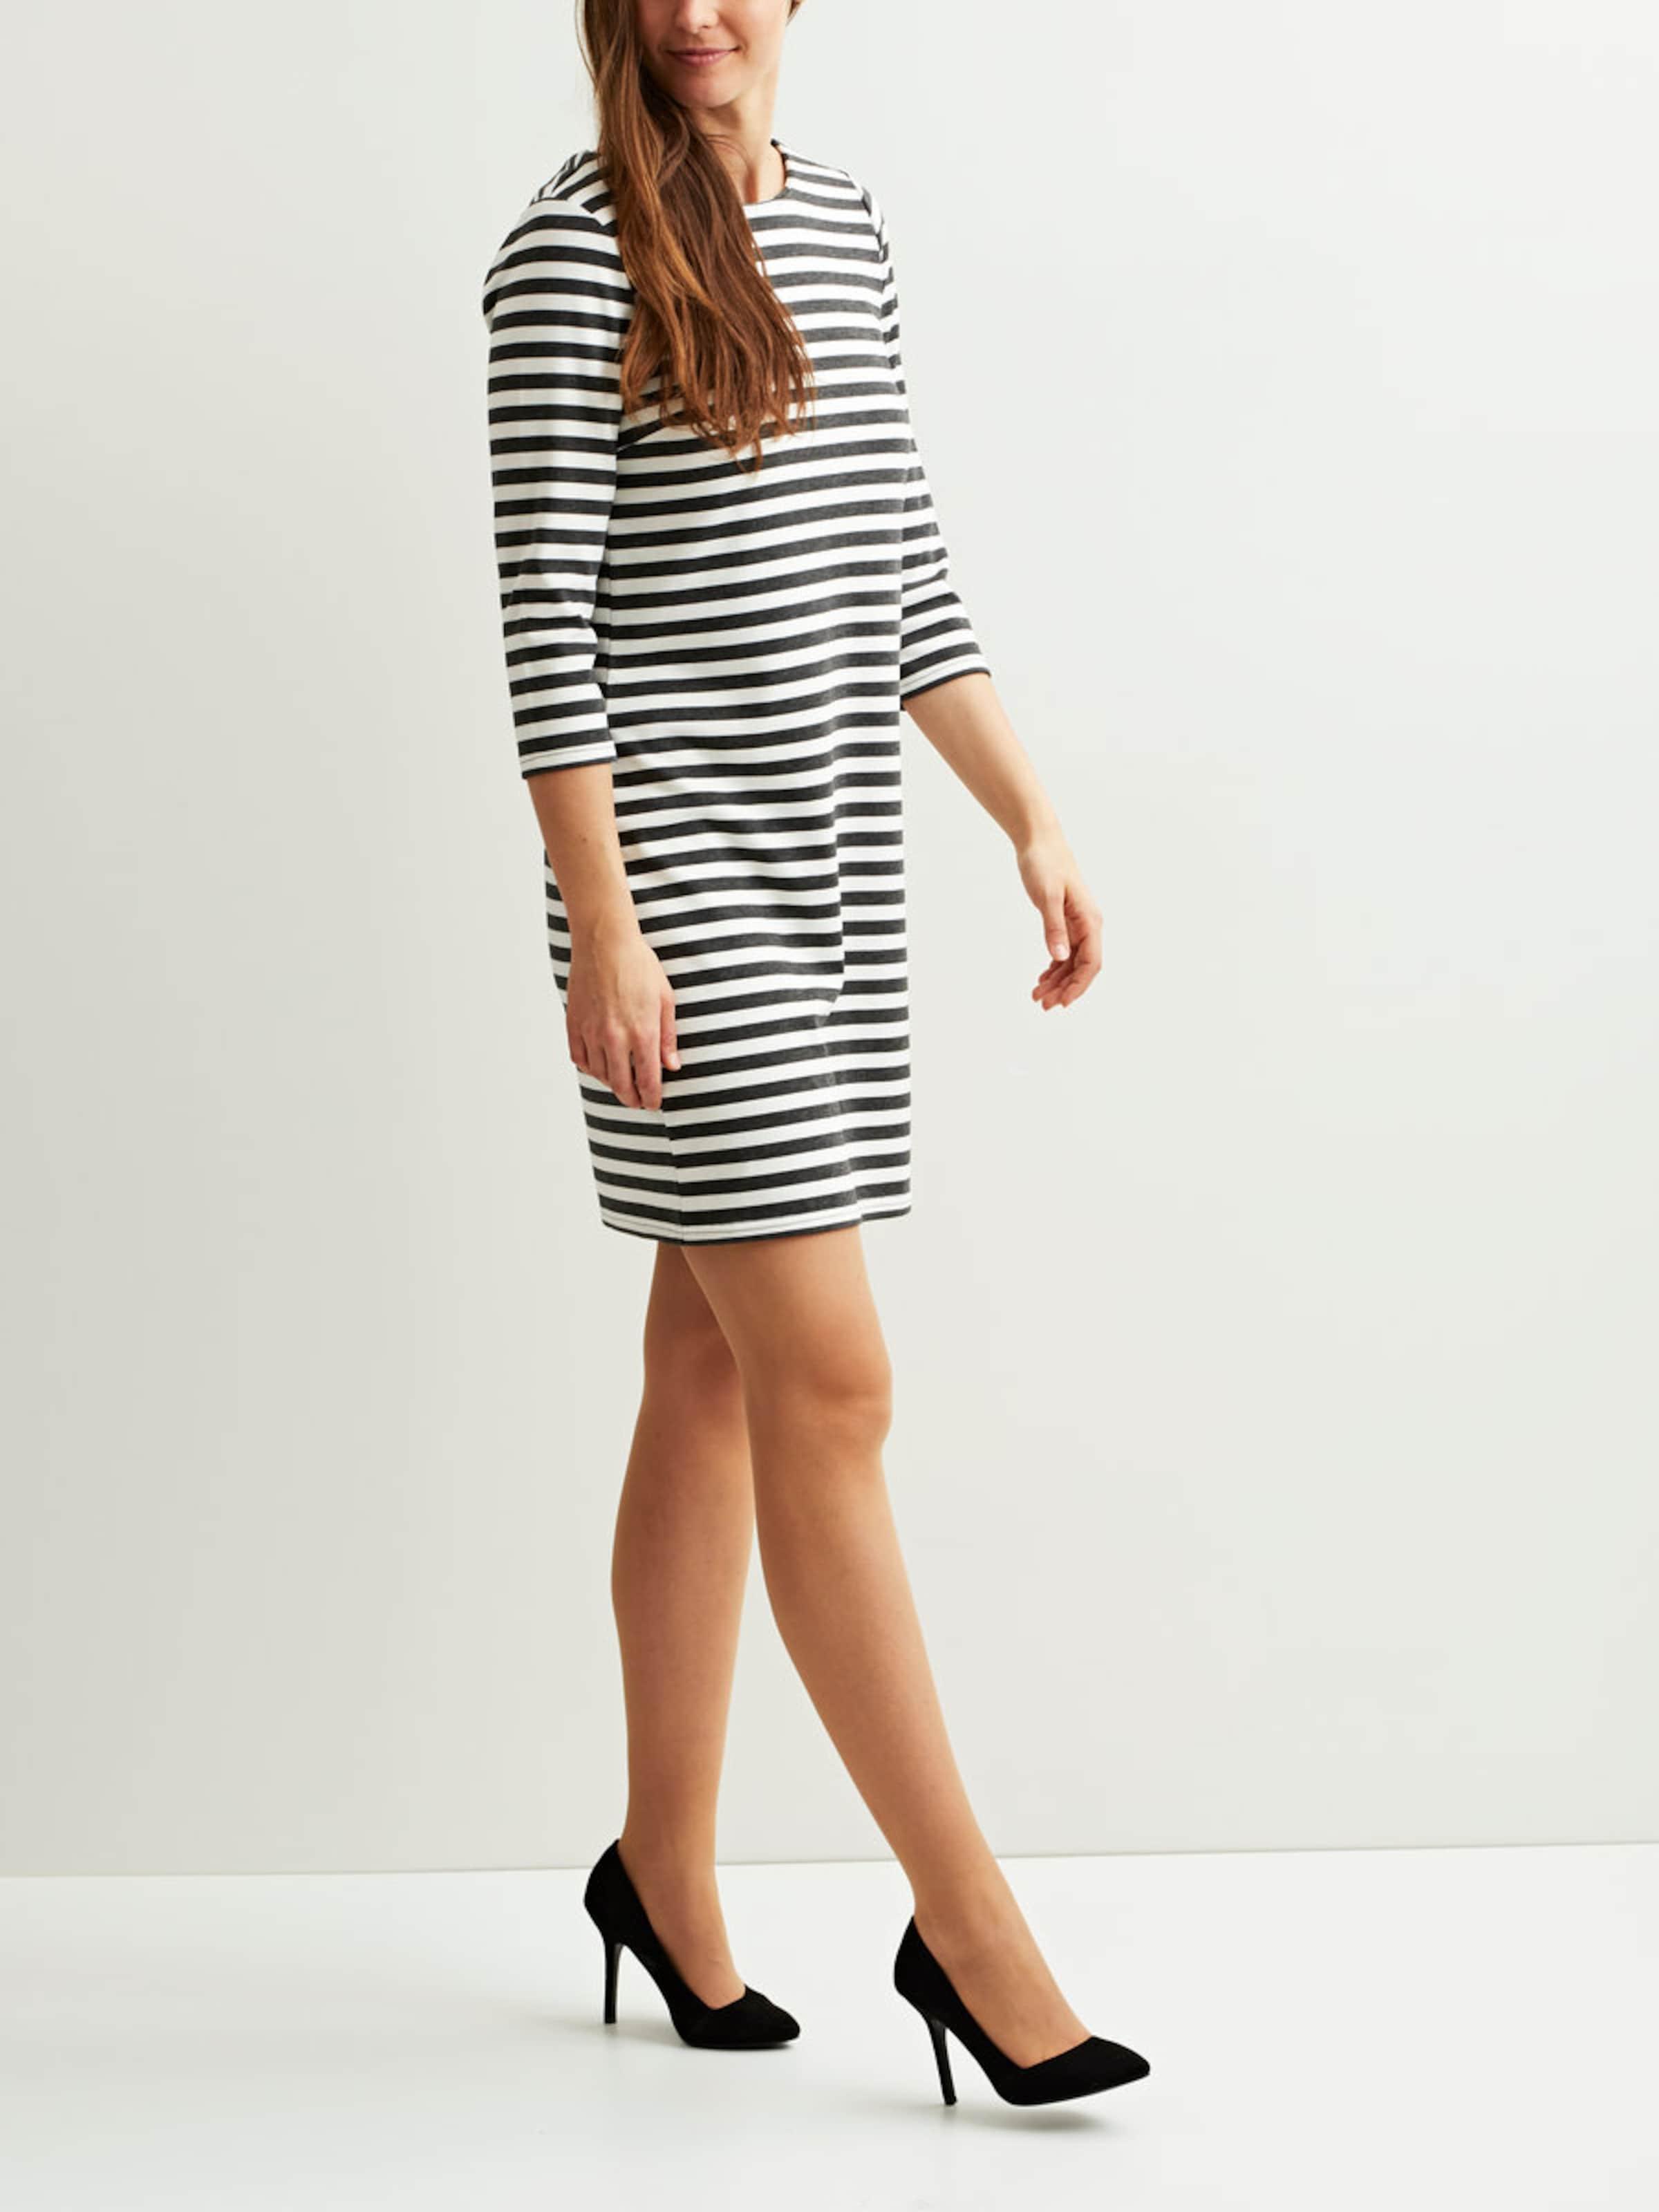 Billige Offizielle Seite VILA Kleid Auslass Wirklich Auslass Niedriger Preis Verkauf Besten Großhandels 3Txayuy4n